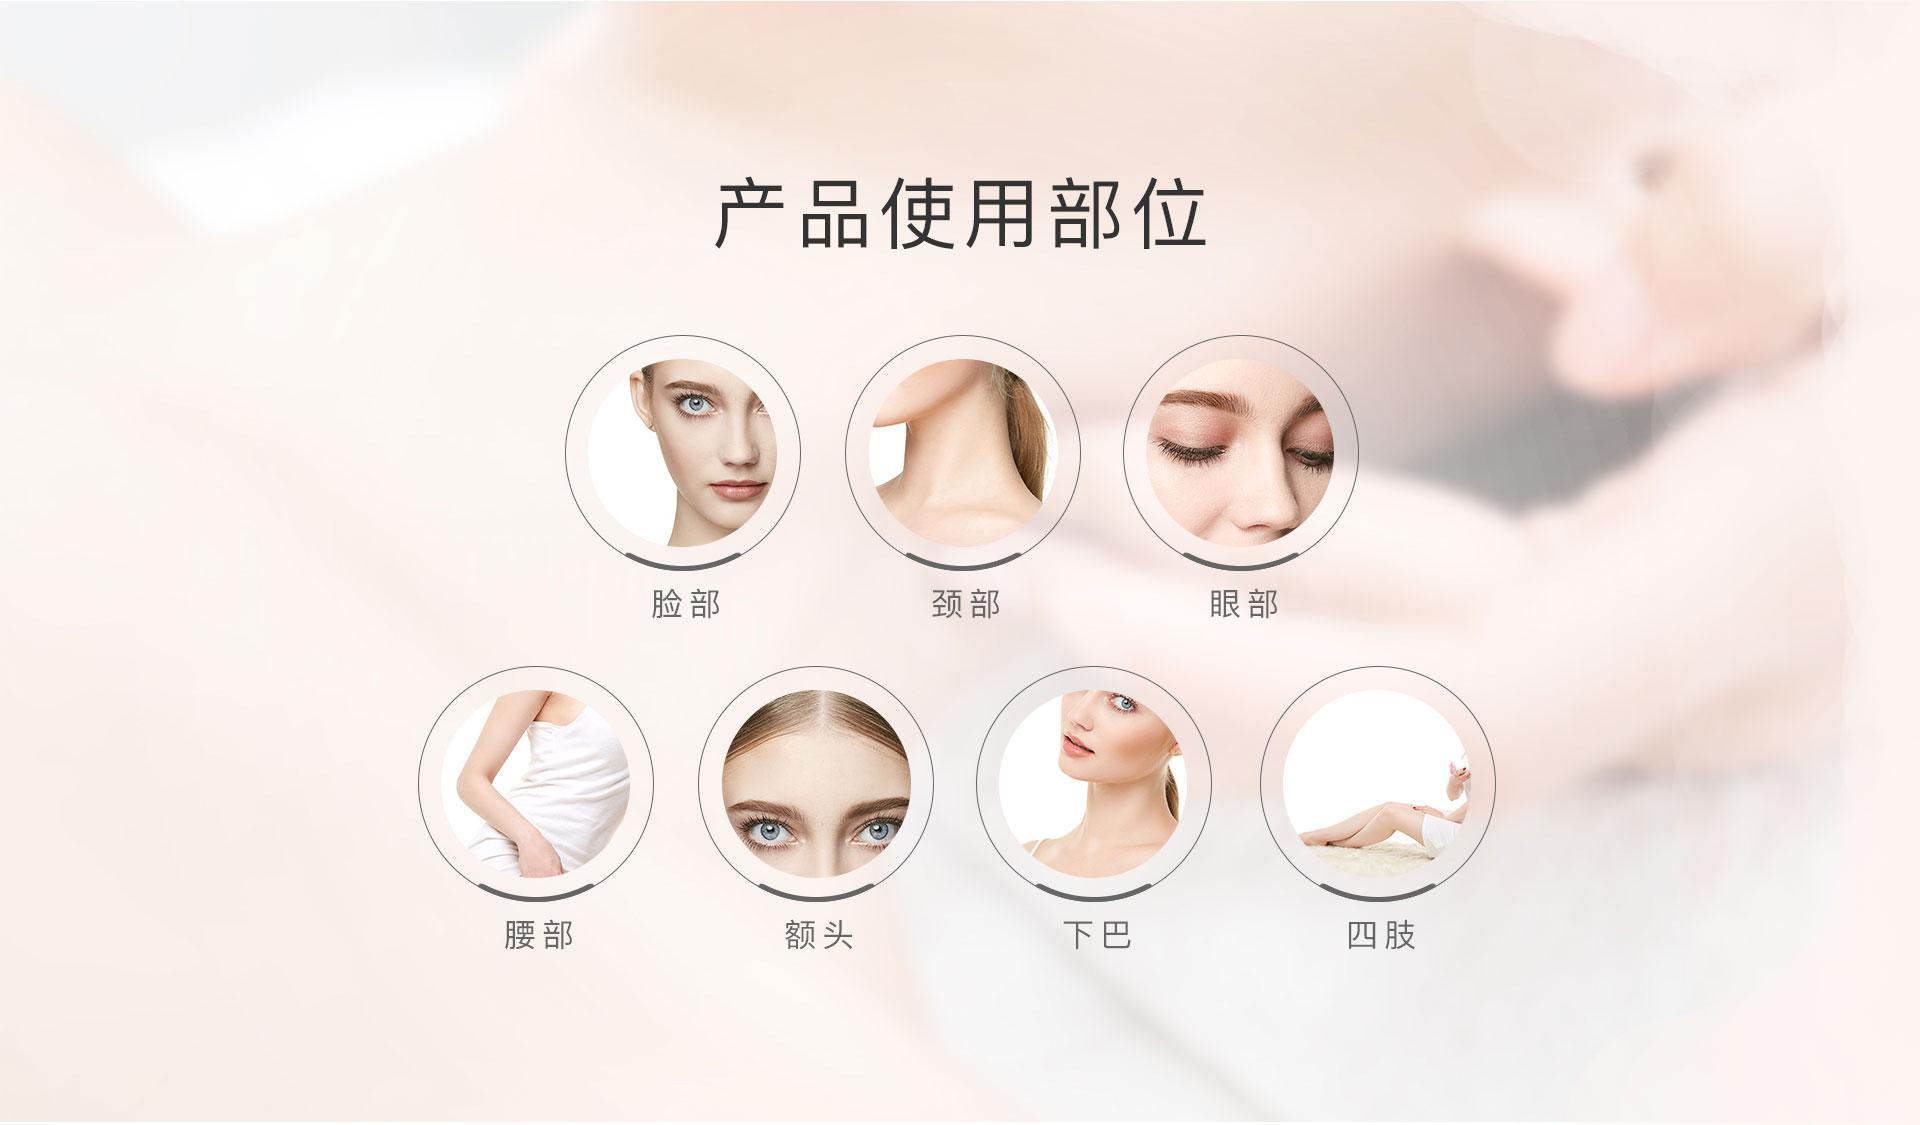 美容按摩刮痧 V脸按摩美颜器使用部位